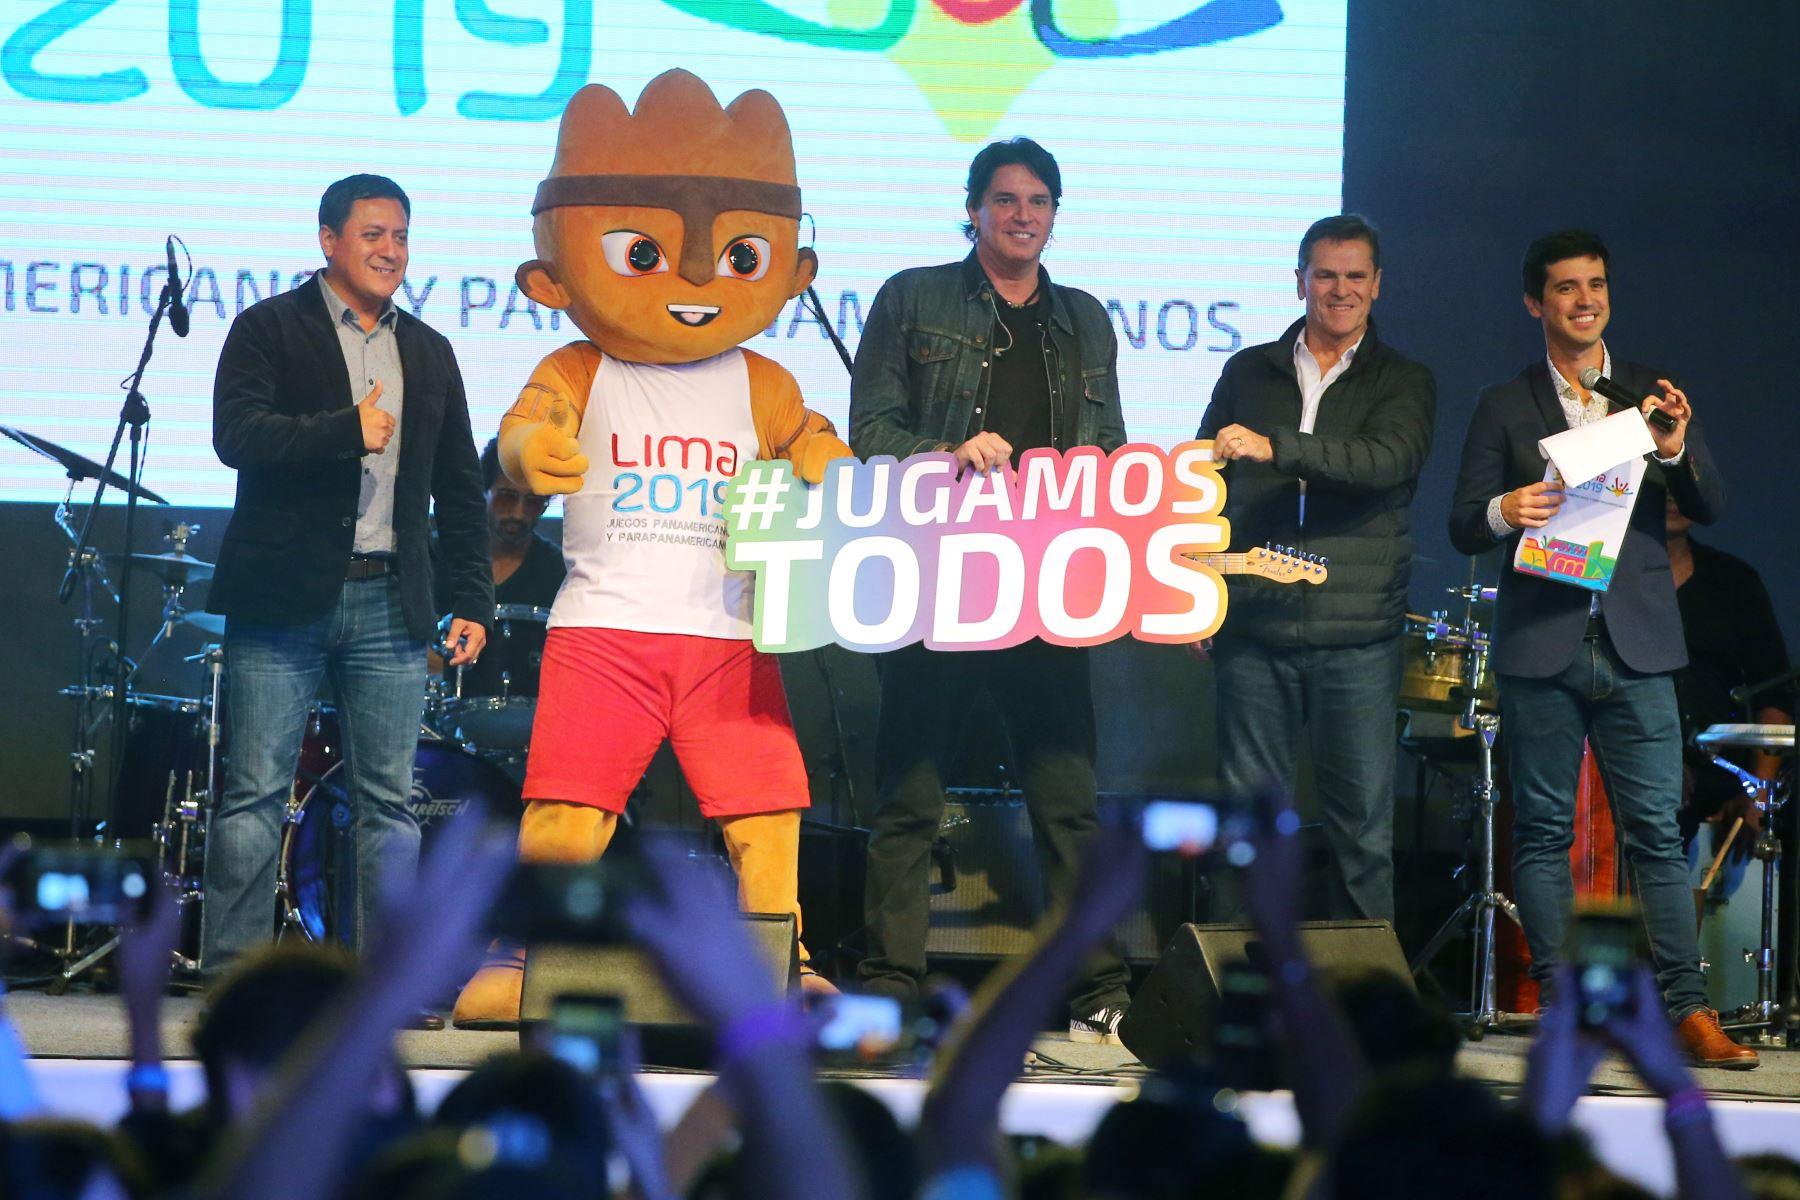 """El Comité Organizador de los XVIII Juegos Panamericanos y Parapanamericanos hacen el lanzamiento de la canción oficial """" Jugamos Todos"""" en el marco de la serenata a 100 días de los juegos Lima 2019. Foto: ANDINA/Vidal Tarqui"""